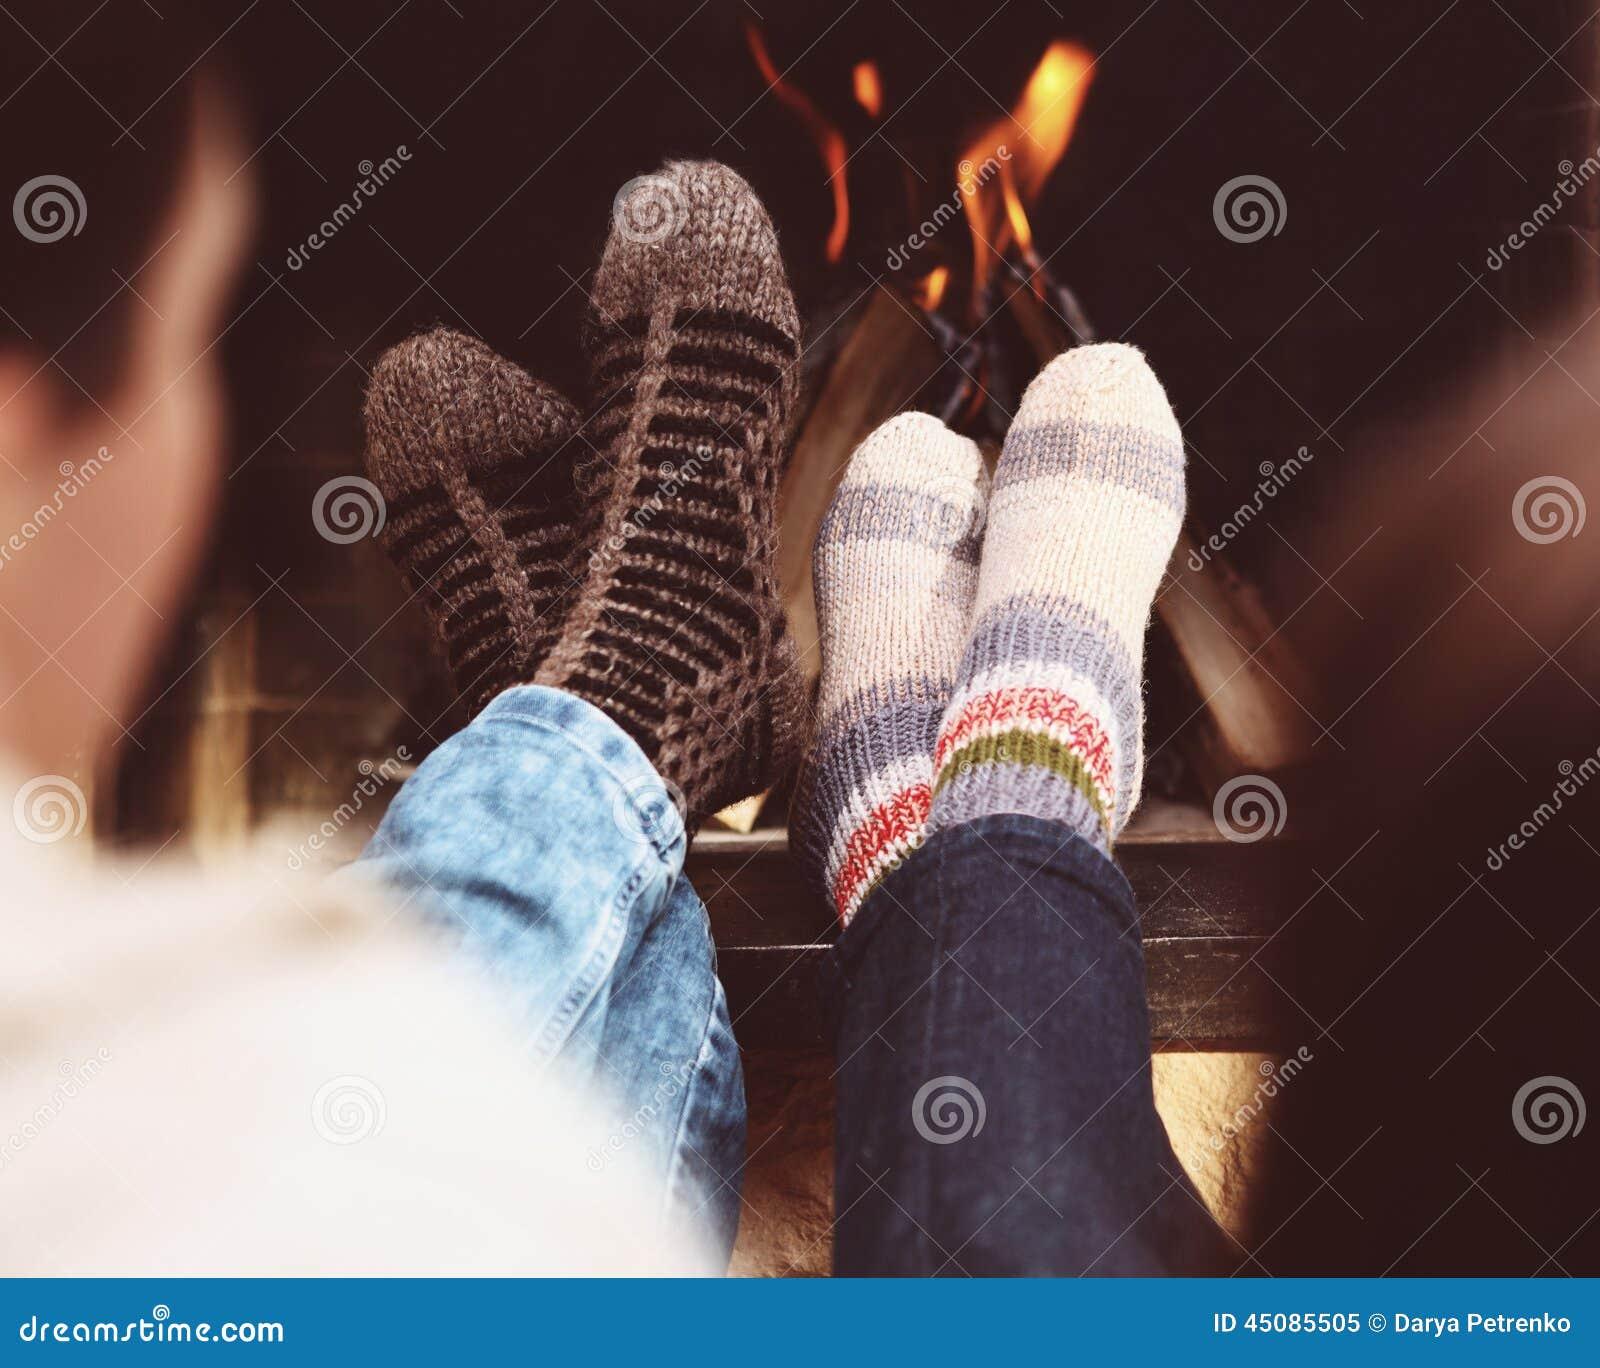 romantic legs